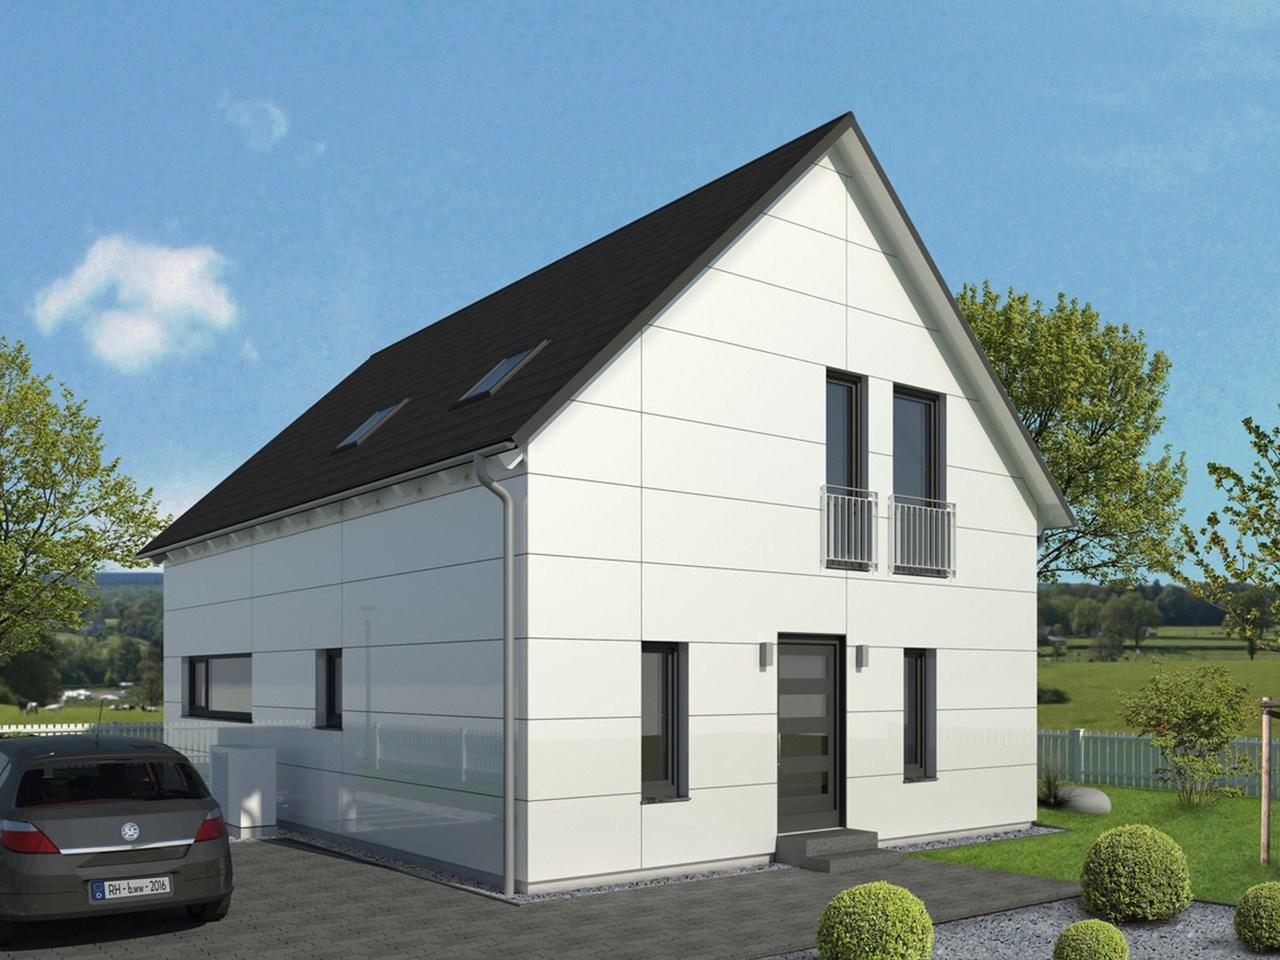 Einfamilienhaus Chausseestraße 132 - Ansicht 4